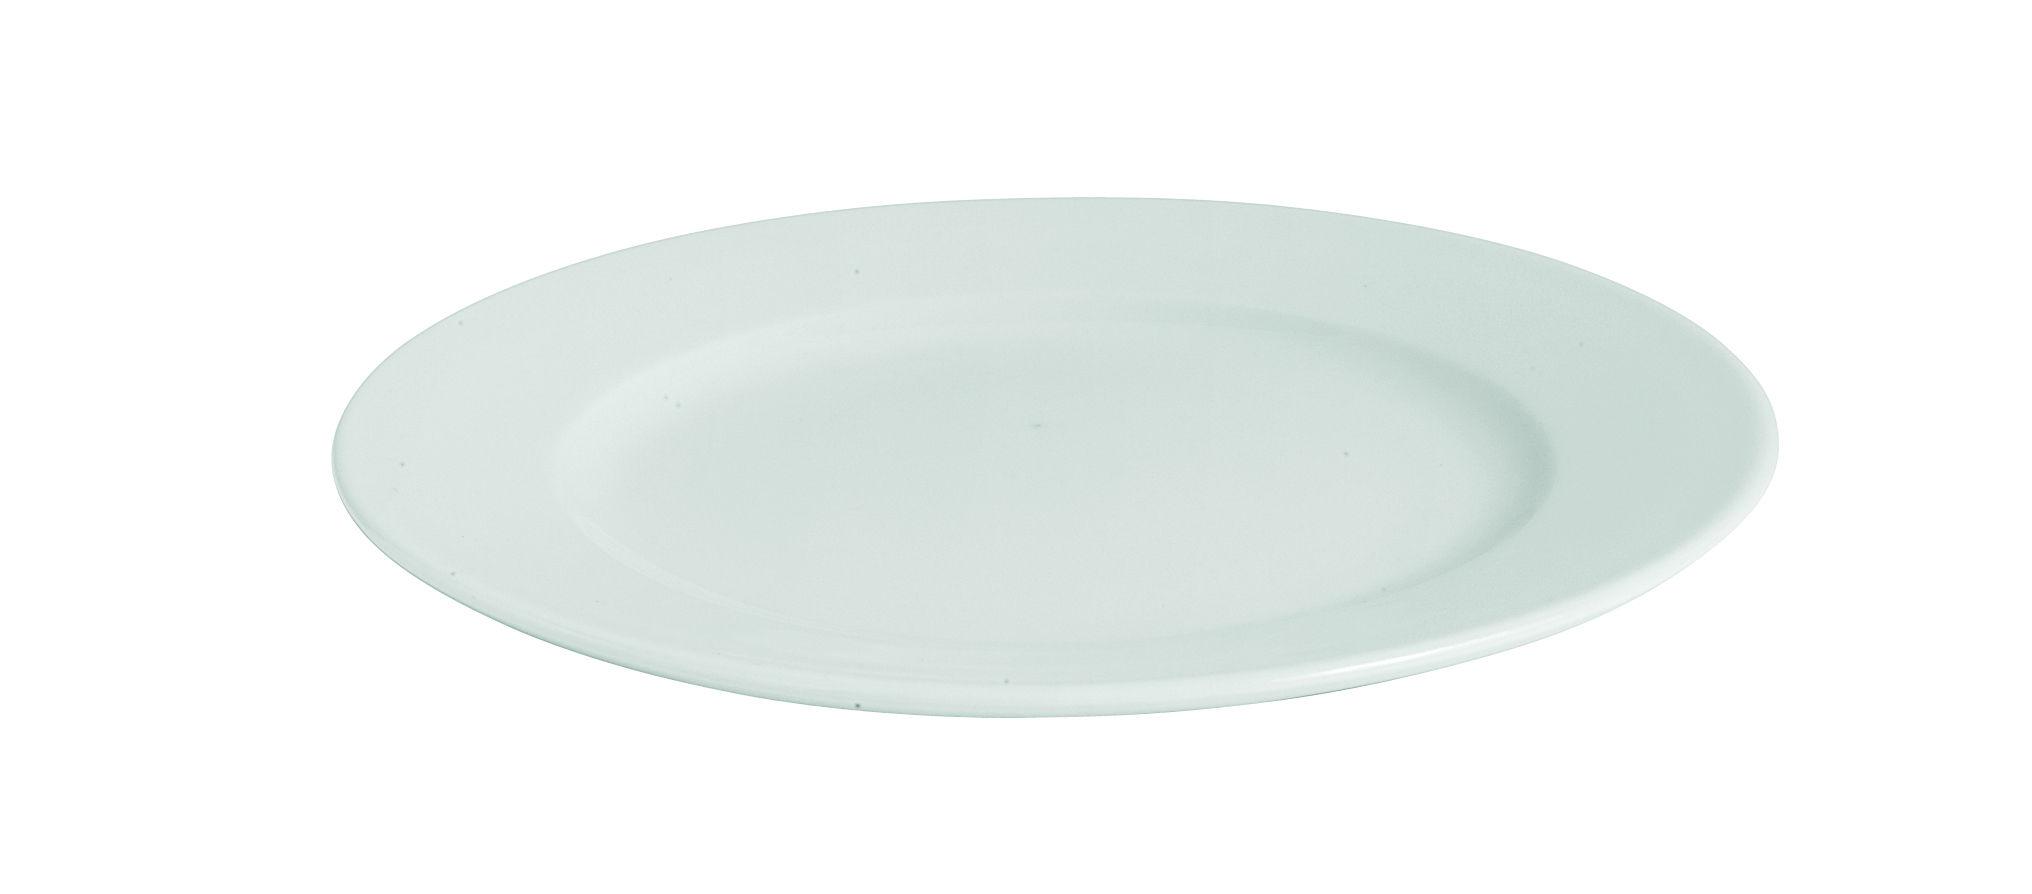 Arts de la table - Assiettes - Assiette à dessert Rainbow / Ø 20 cm - Porcelaine - Hay - Vert menthe - Porcelaine